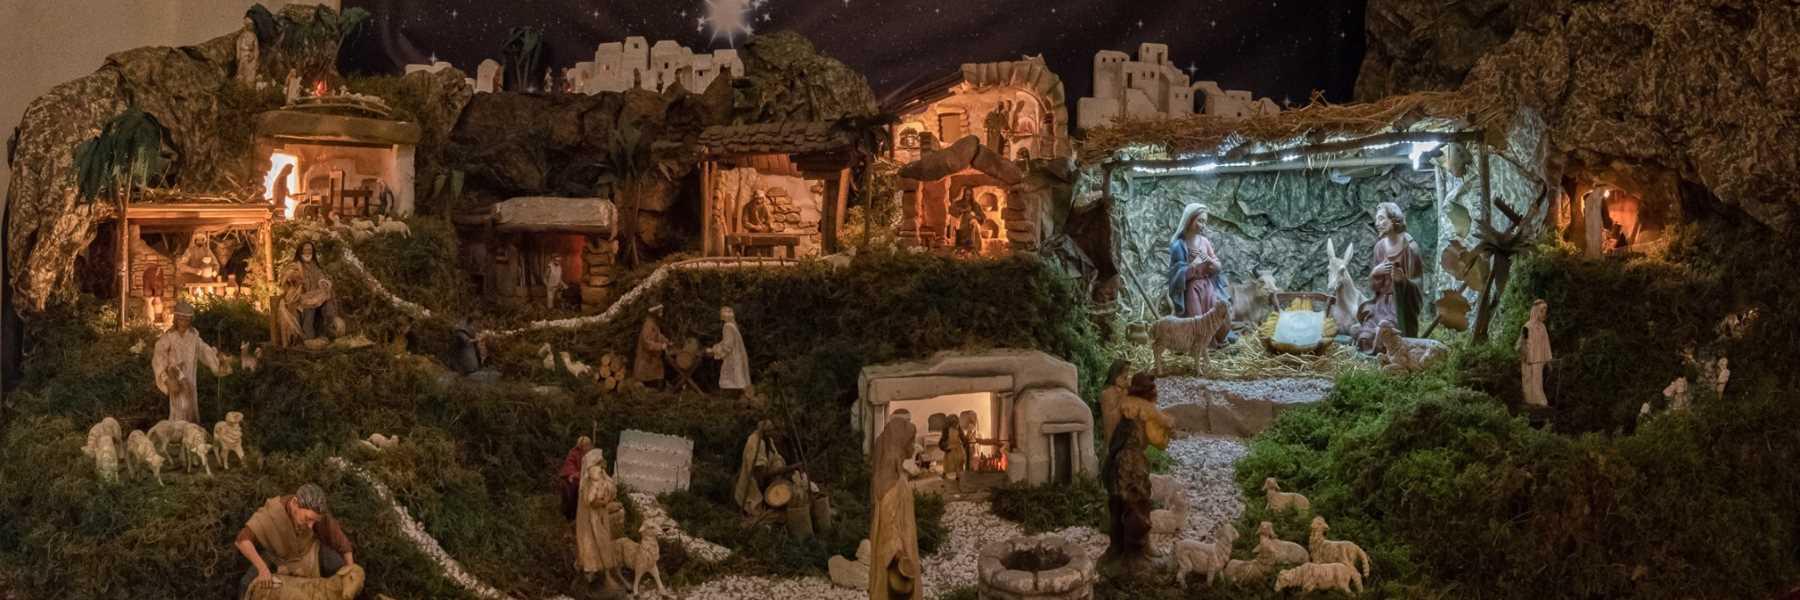 Animierte Weihnachtskrippe in der Kathedrale von Cervia